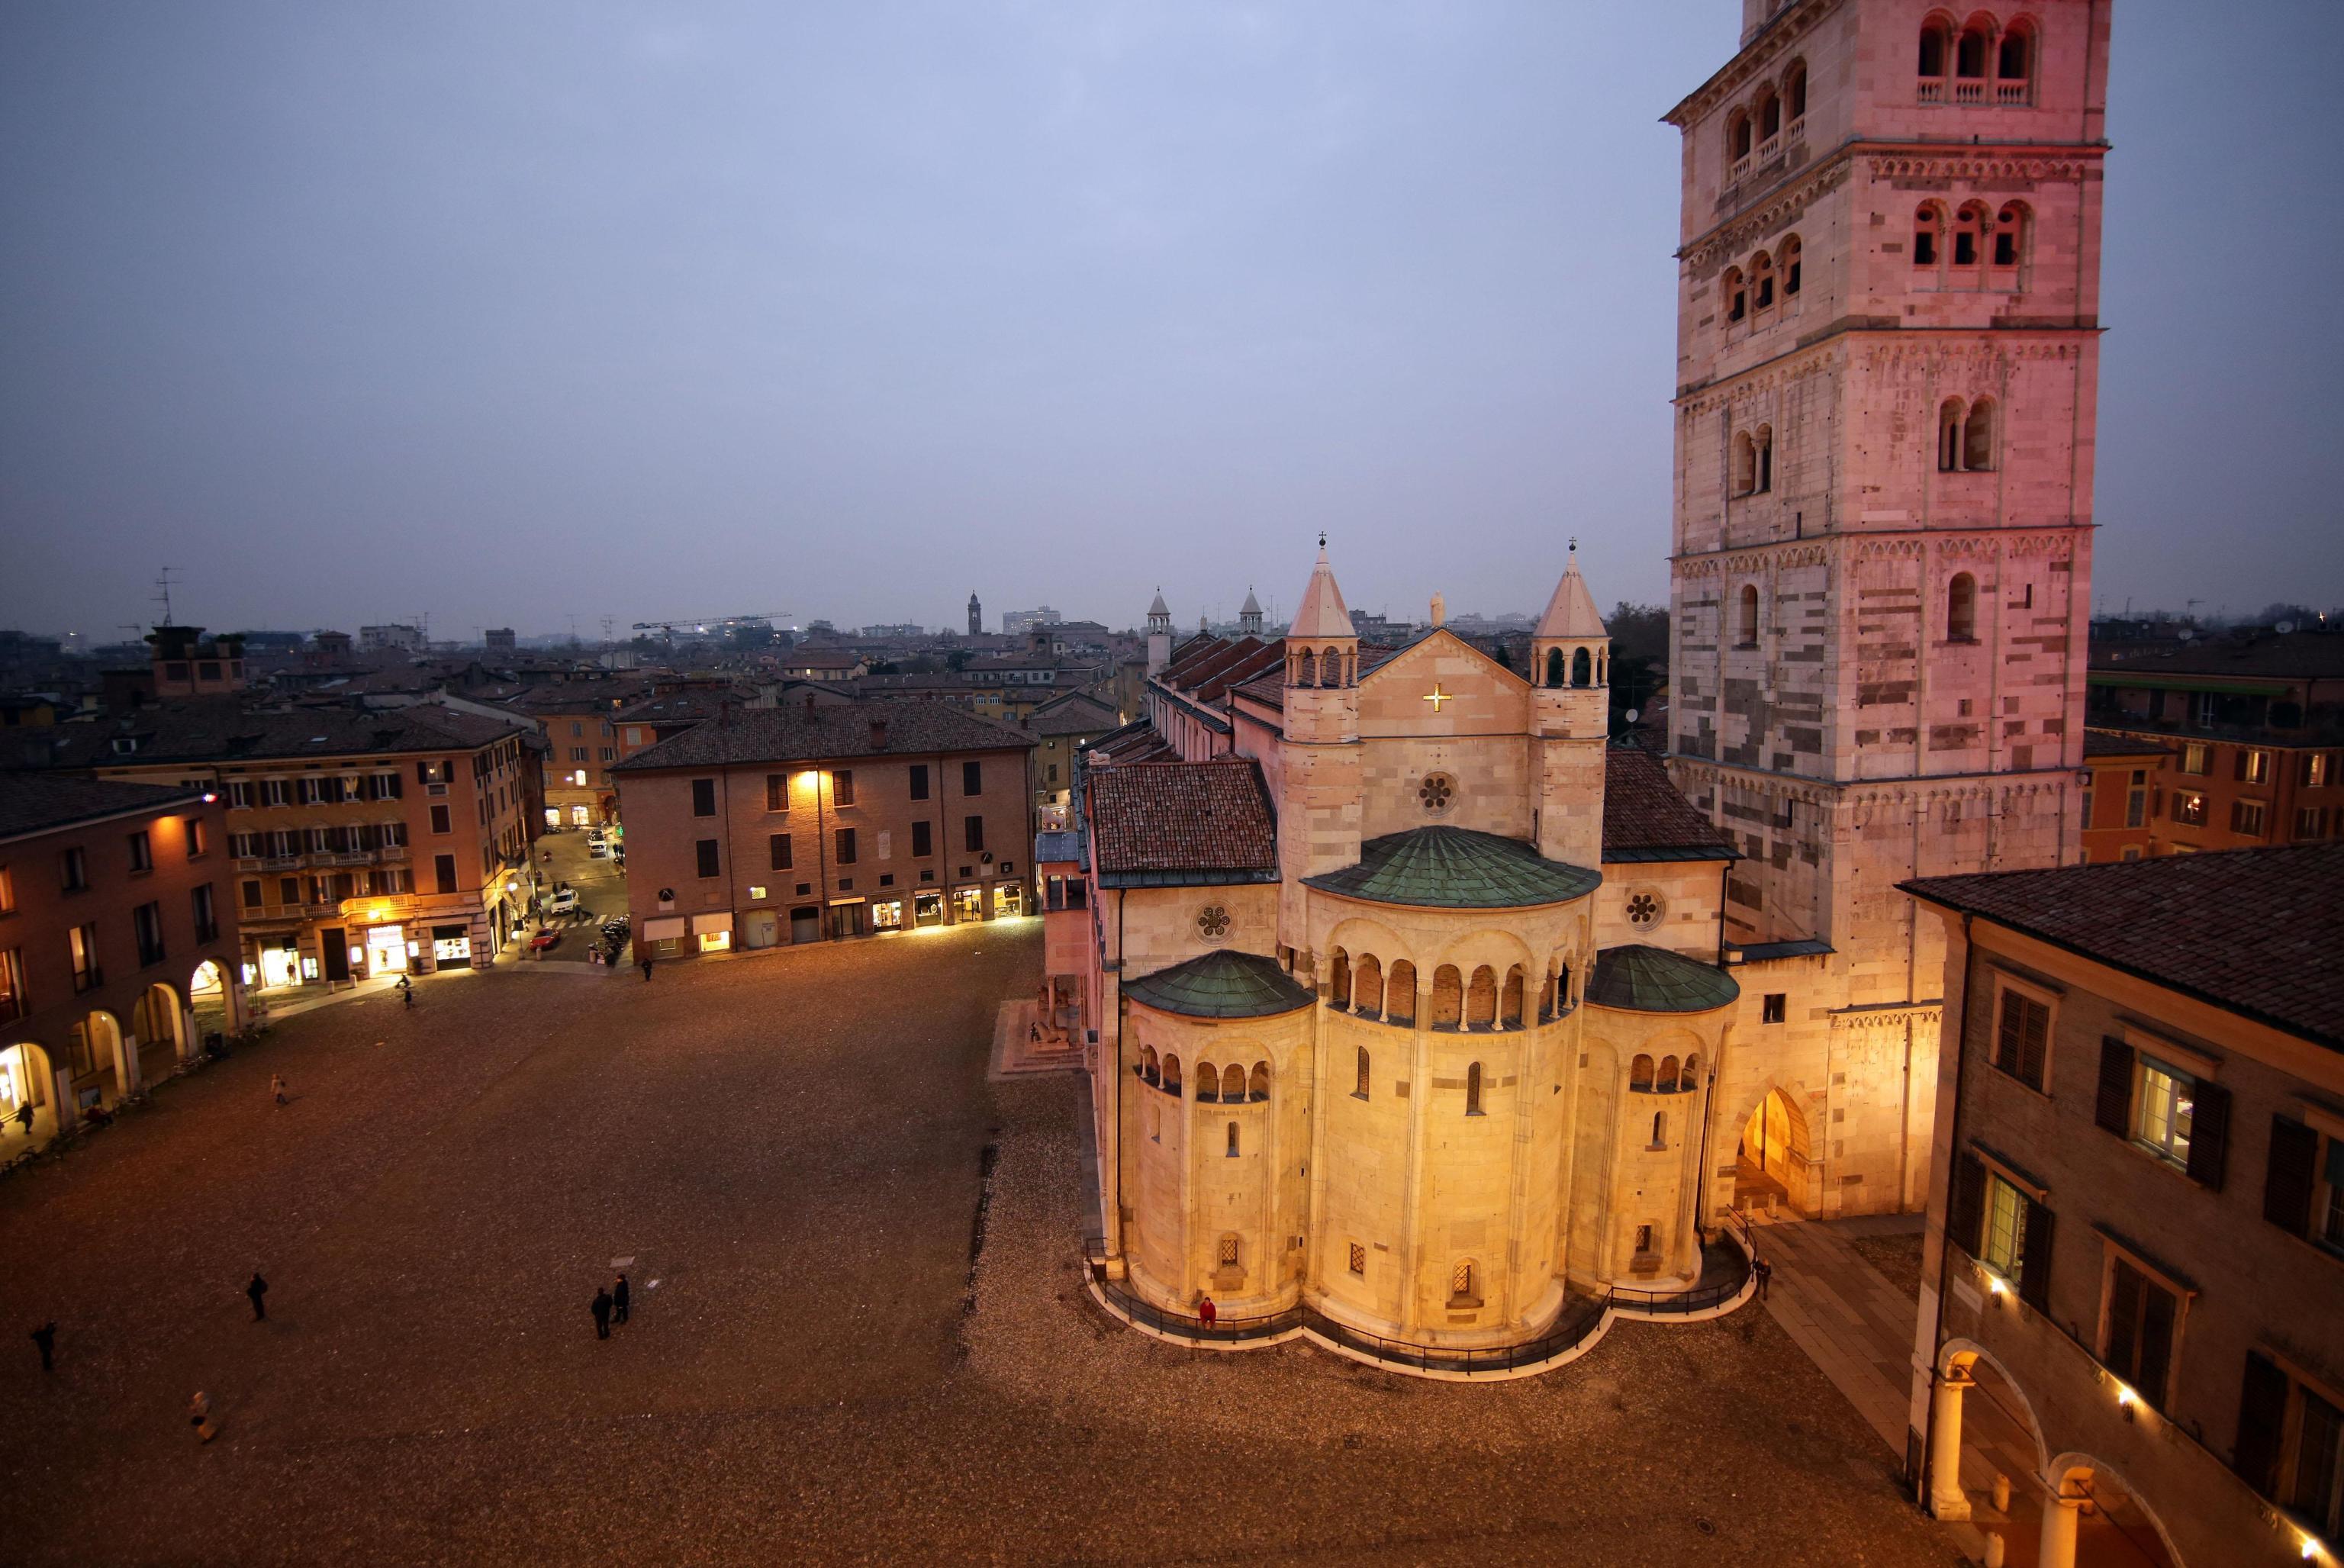 Modena e i suoi capolavori: Duomo, Ghirlandina e Piazza Grande Patrimonio dell'Umanità